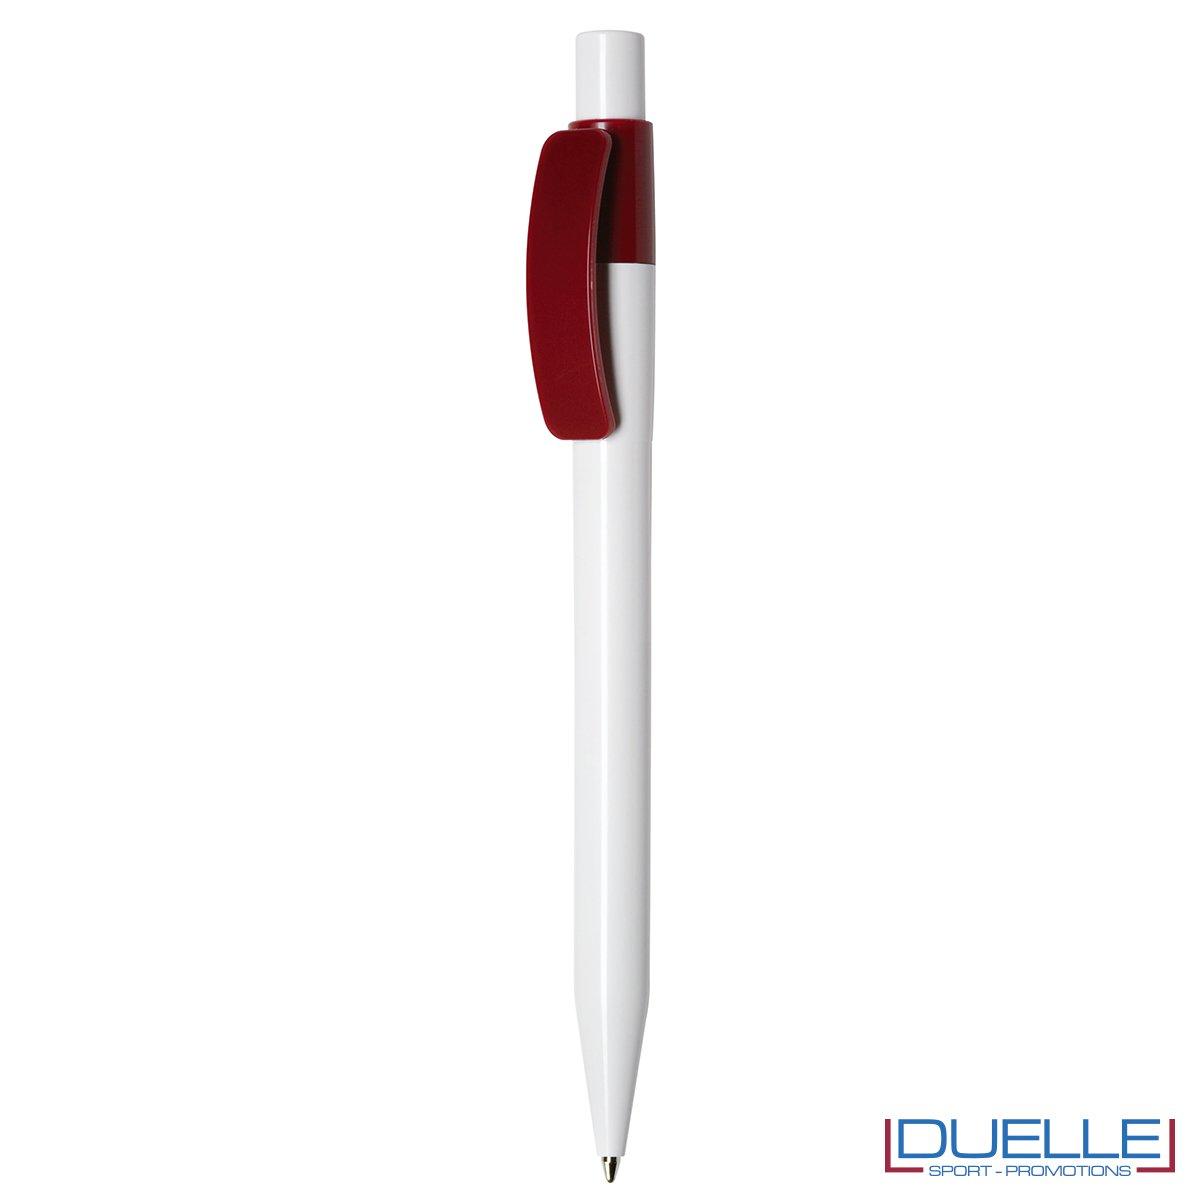 Penna Made in Italy personalizzata Bordeaux, gadget aziendali, penne personalizzate, gadget personalizzati, articoli promozionali